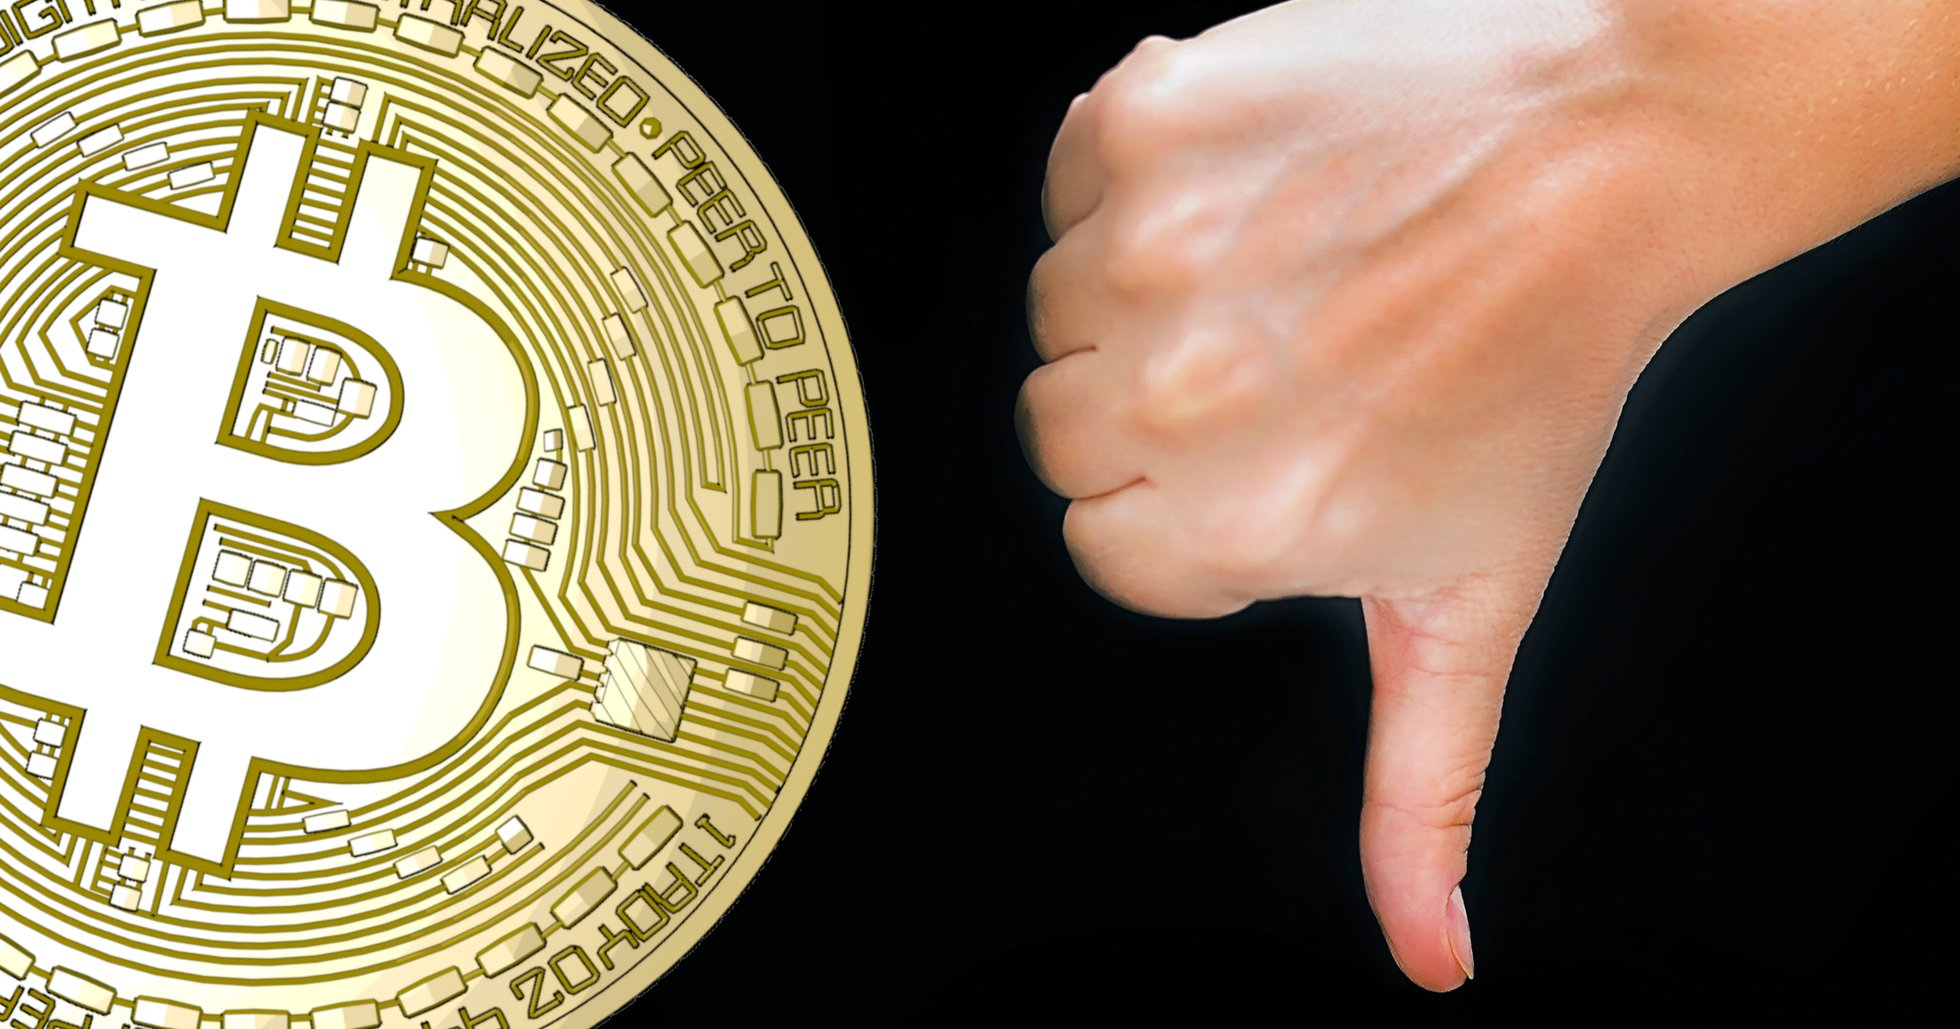 Bitcoinpriset faller under 9 000 dollar för första gången på två veckor.